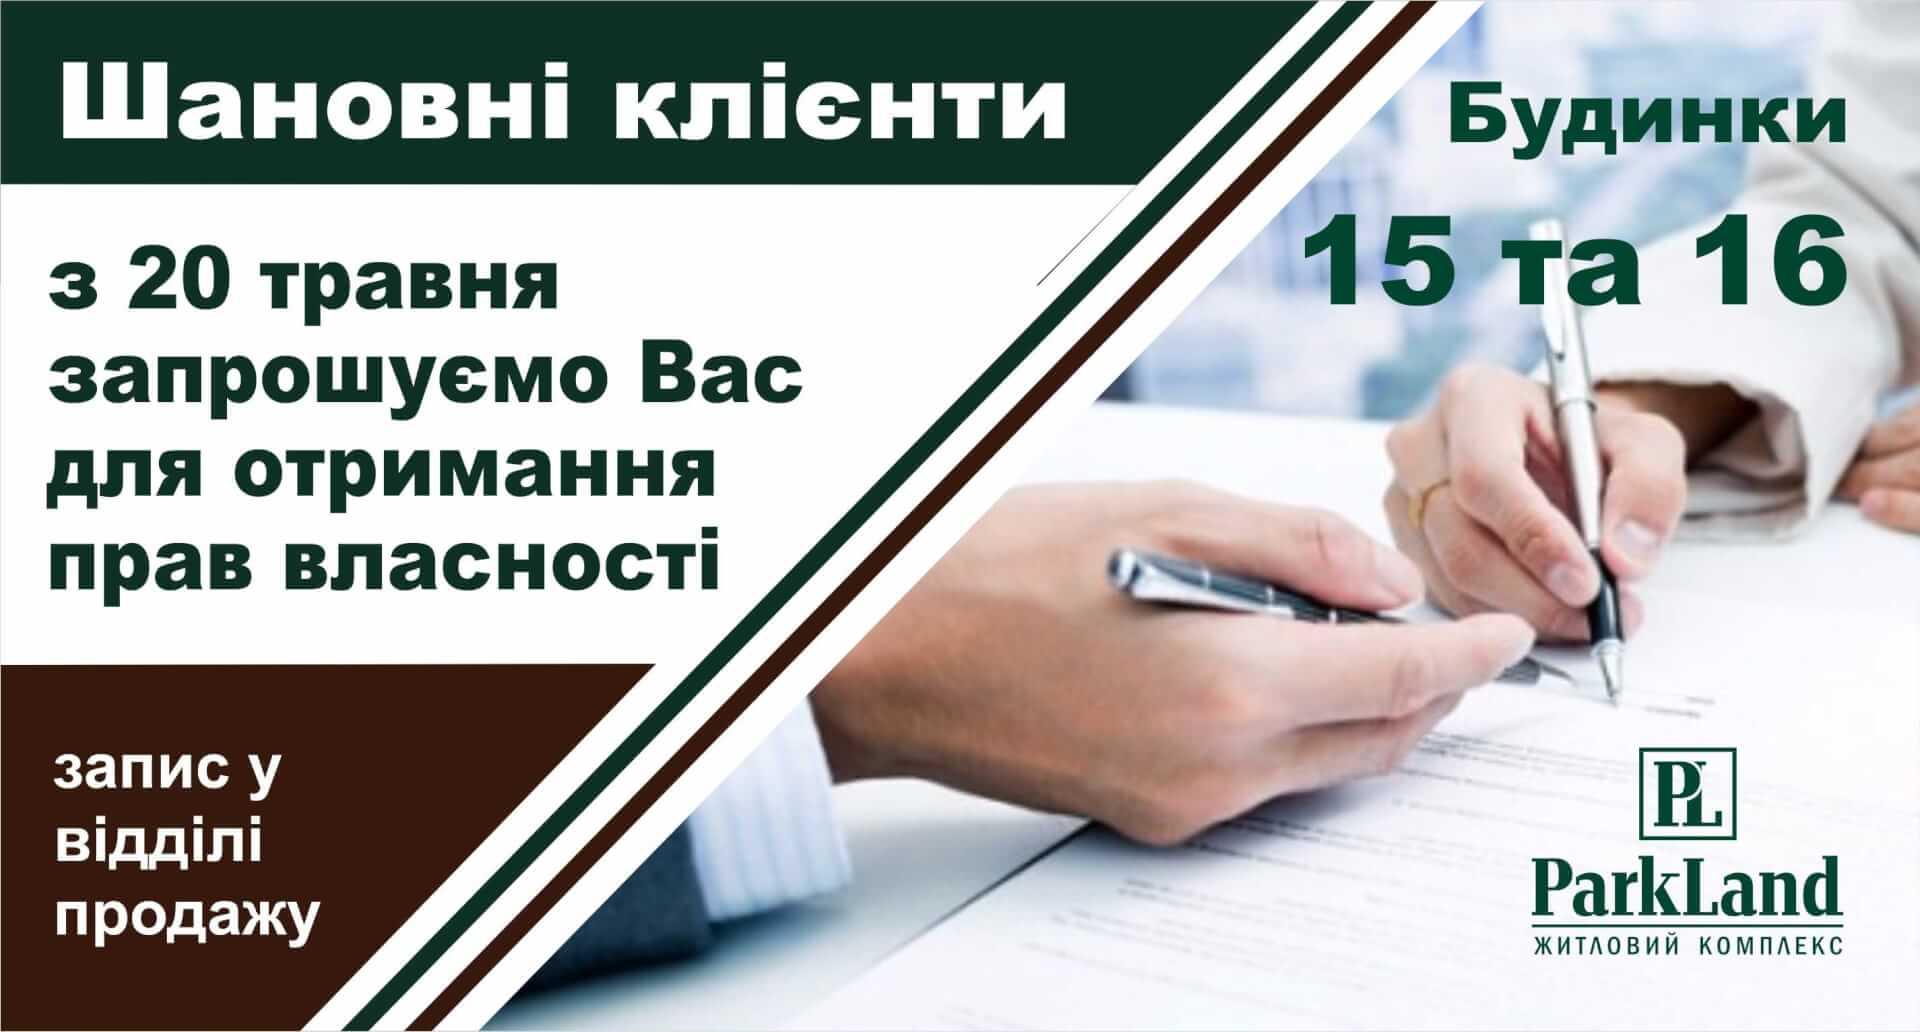 новости 15-16 у